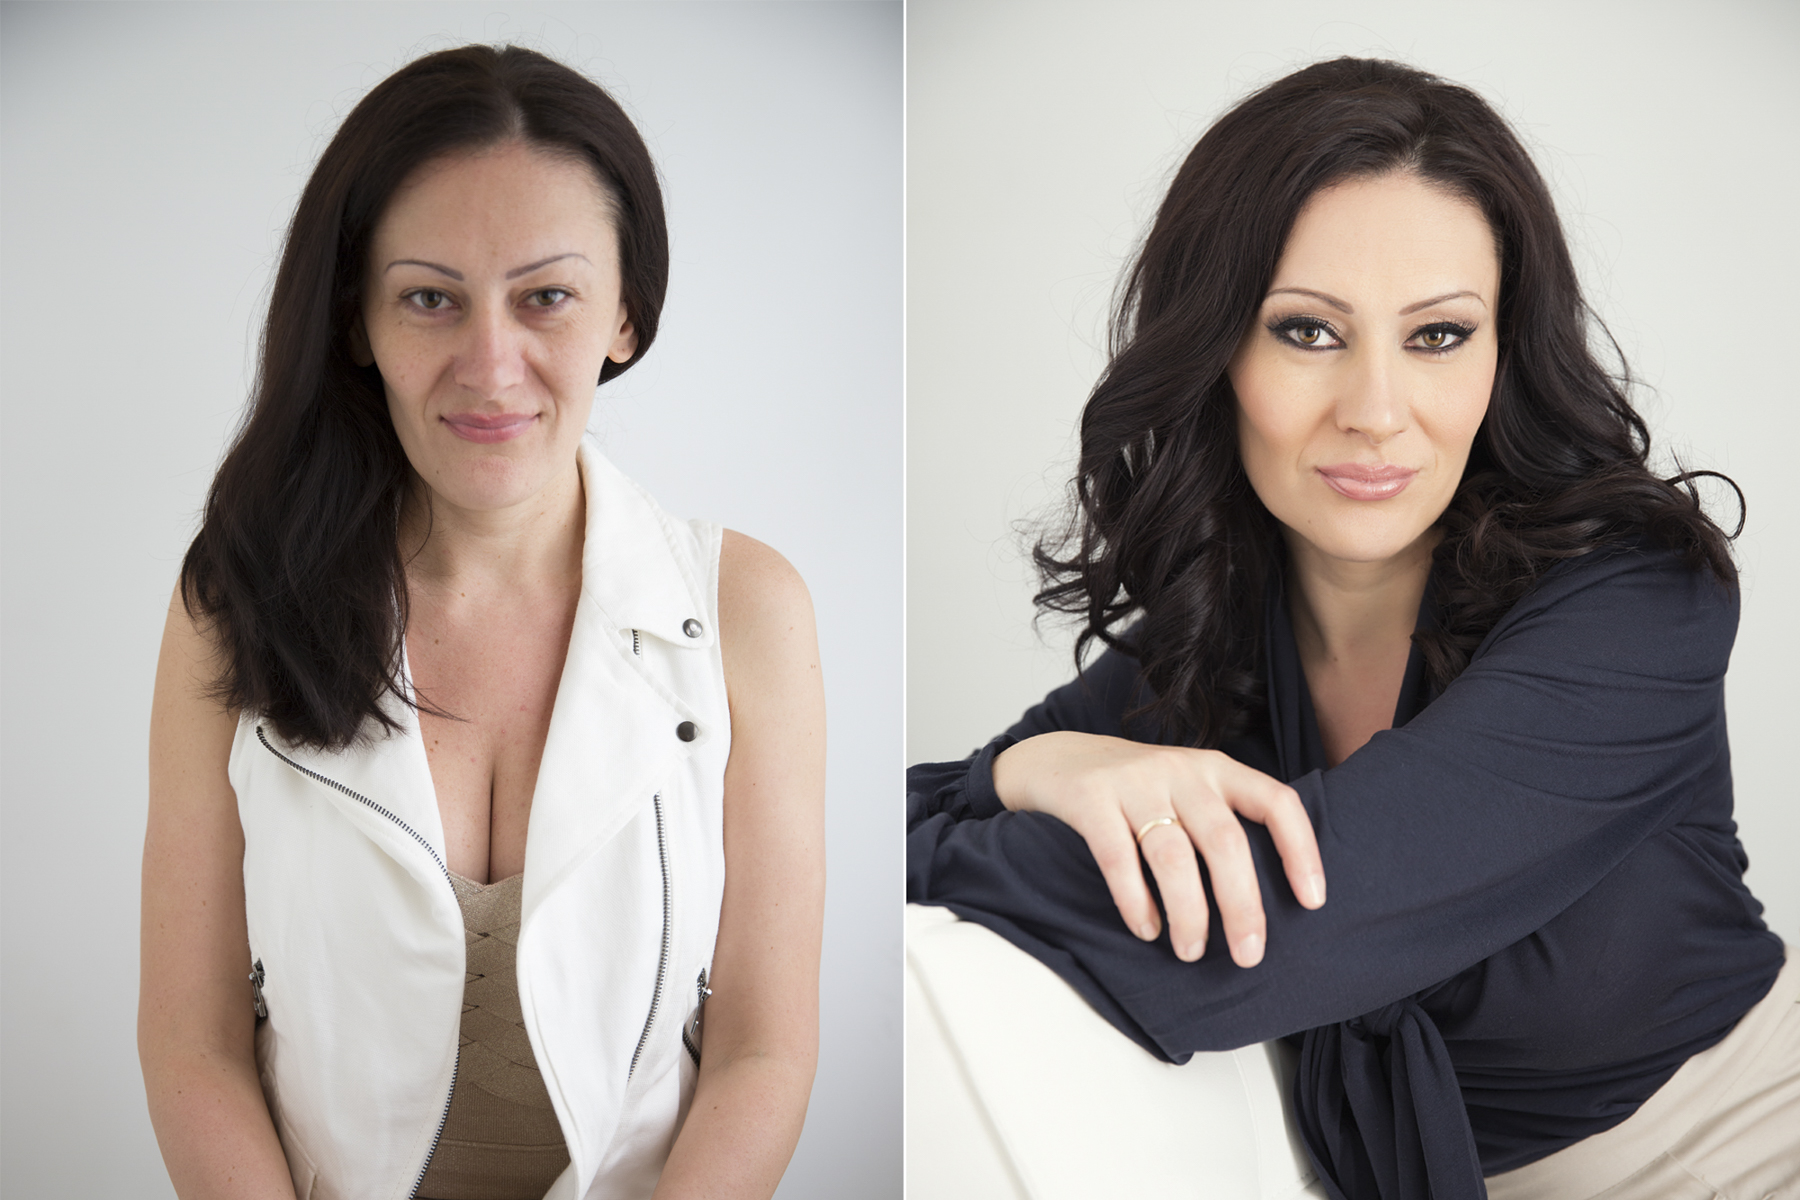 simonajanek_beforeandafter_makeover-11.jpg